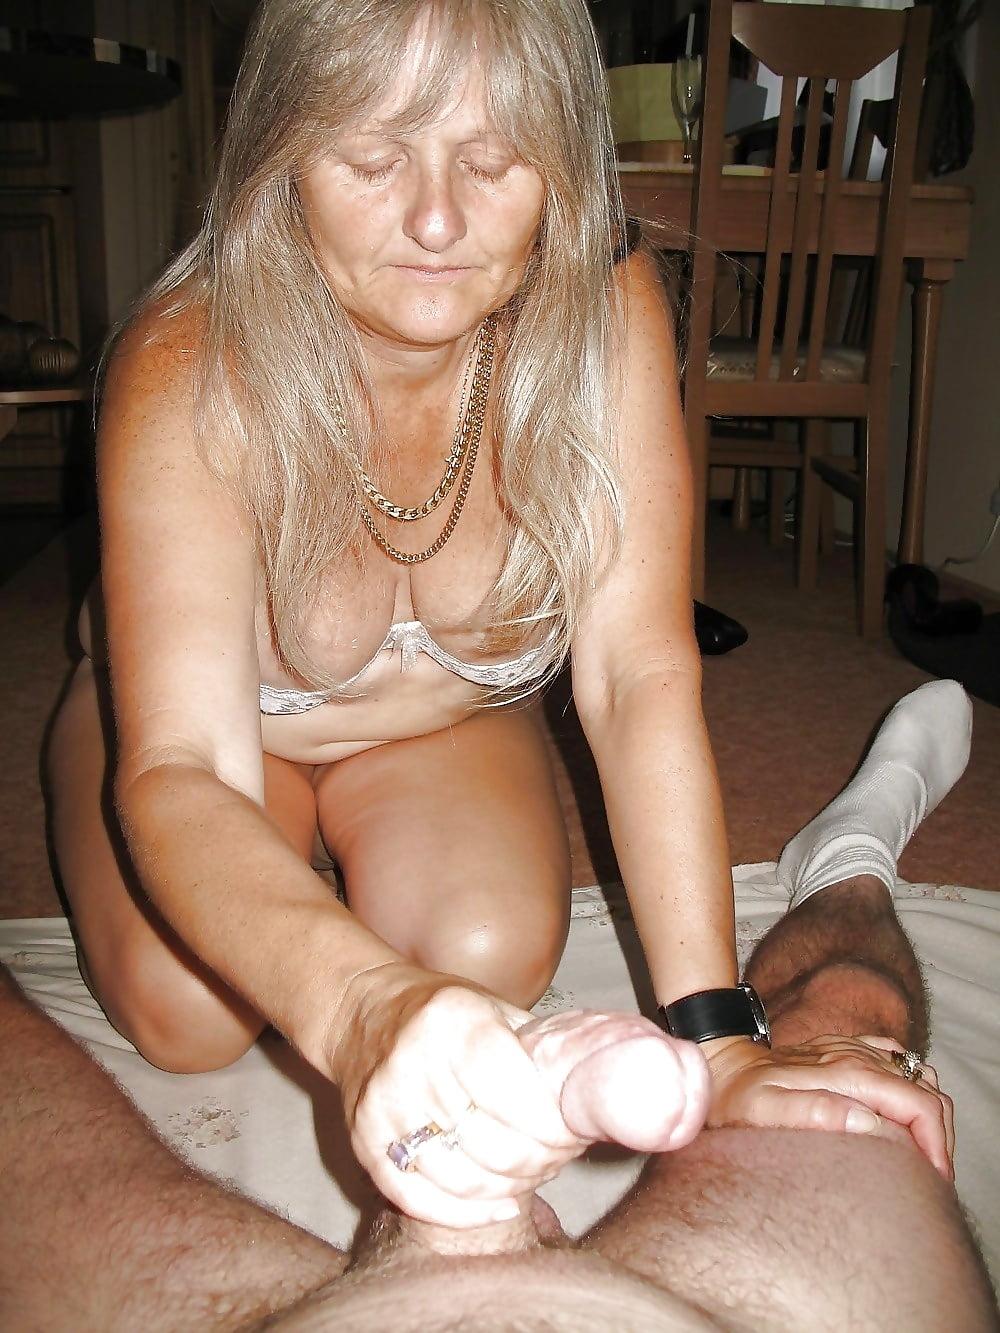 Handjob blowjob granny